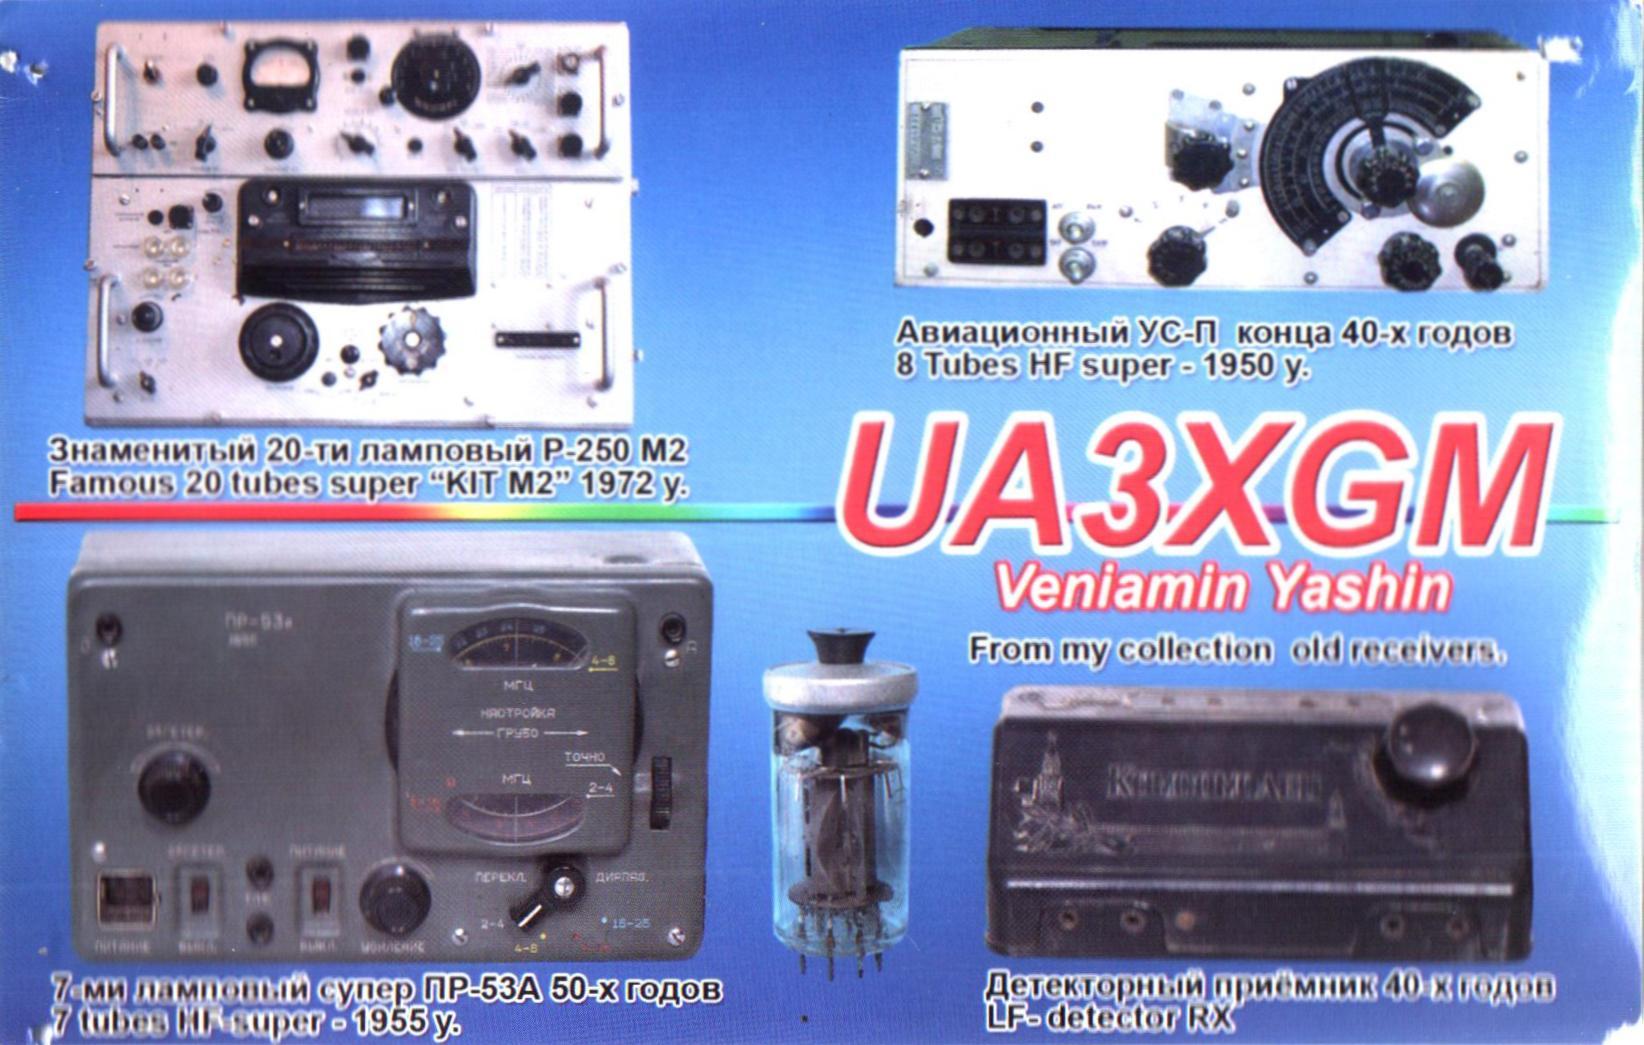 Нажмите на изображение для увеличения.  Название:UA3XGM-QSL-2017-1s.jpg Просмотров:3 Размер:201.8 Кб ID:221505